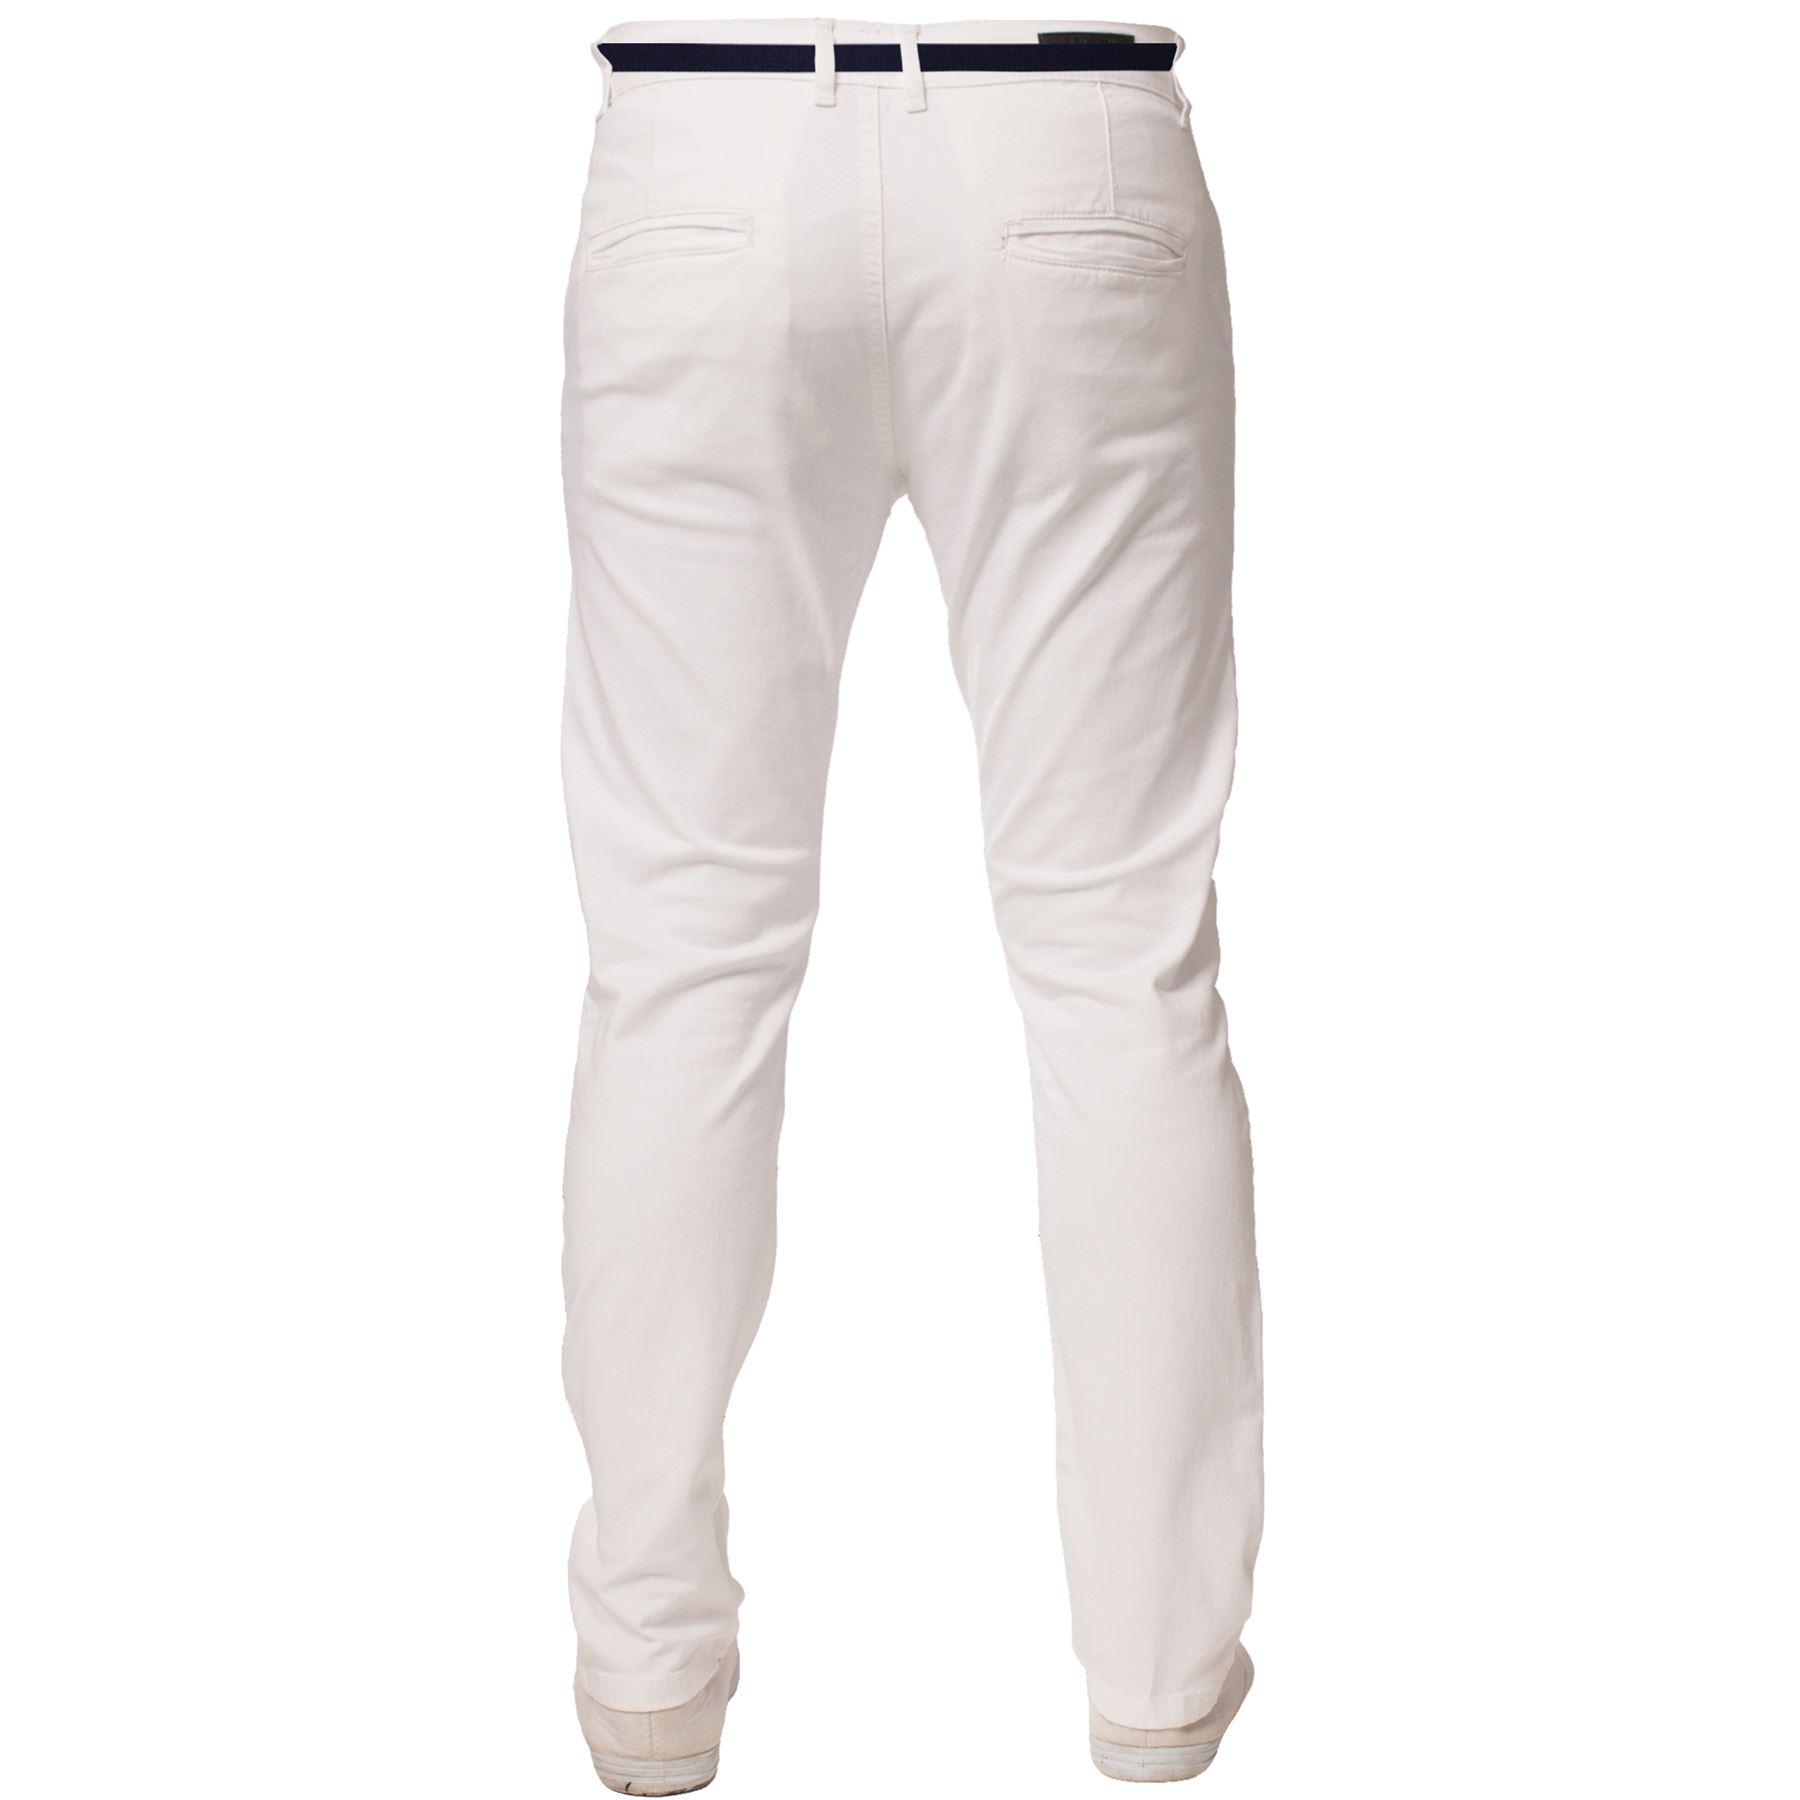 ENZO-Para-Hombres-Pantalones-Slim-Fit-Algodon-Elastico-Pantalones-Chinos-Con-Cinturon-BIG-amp-TALL miniatura 17